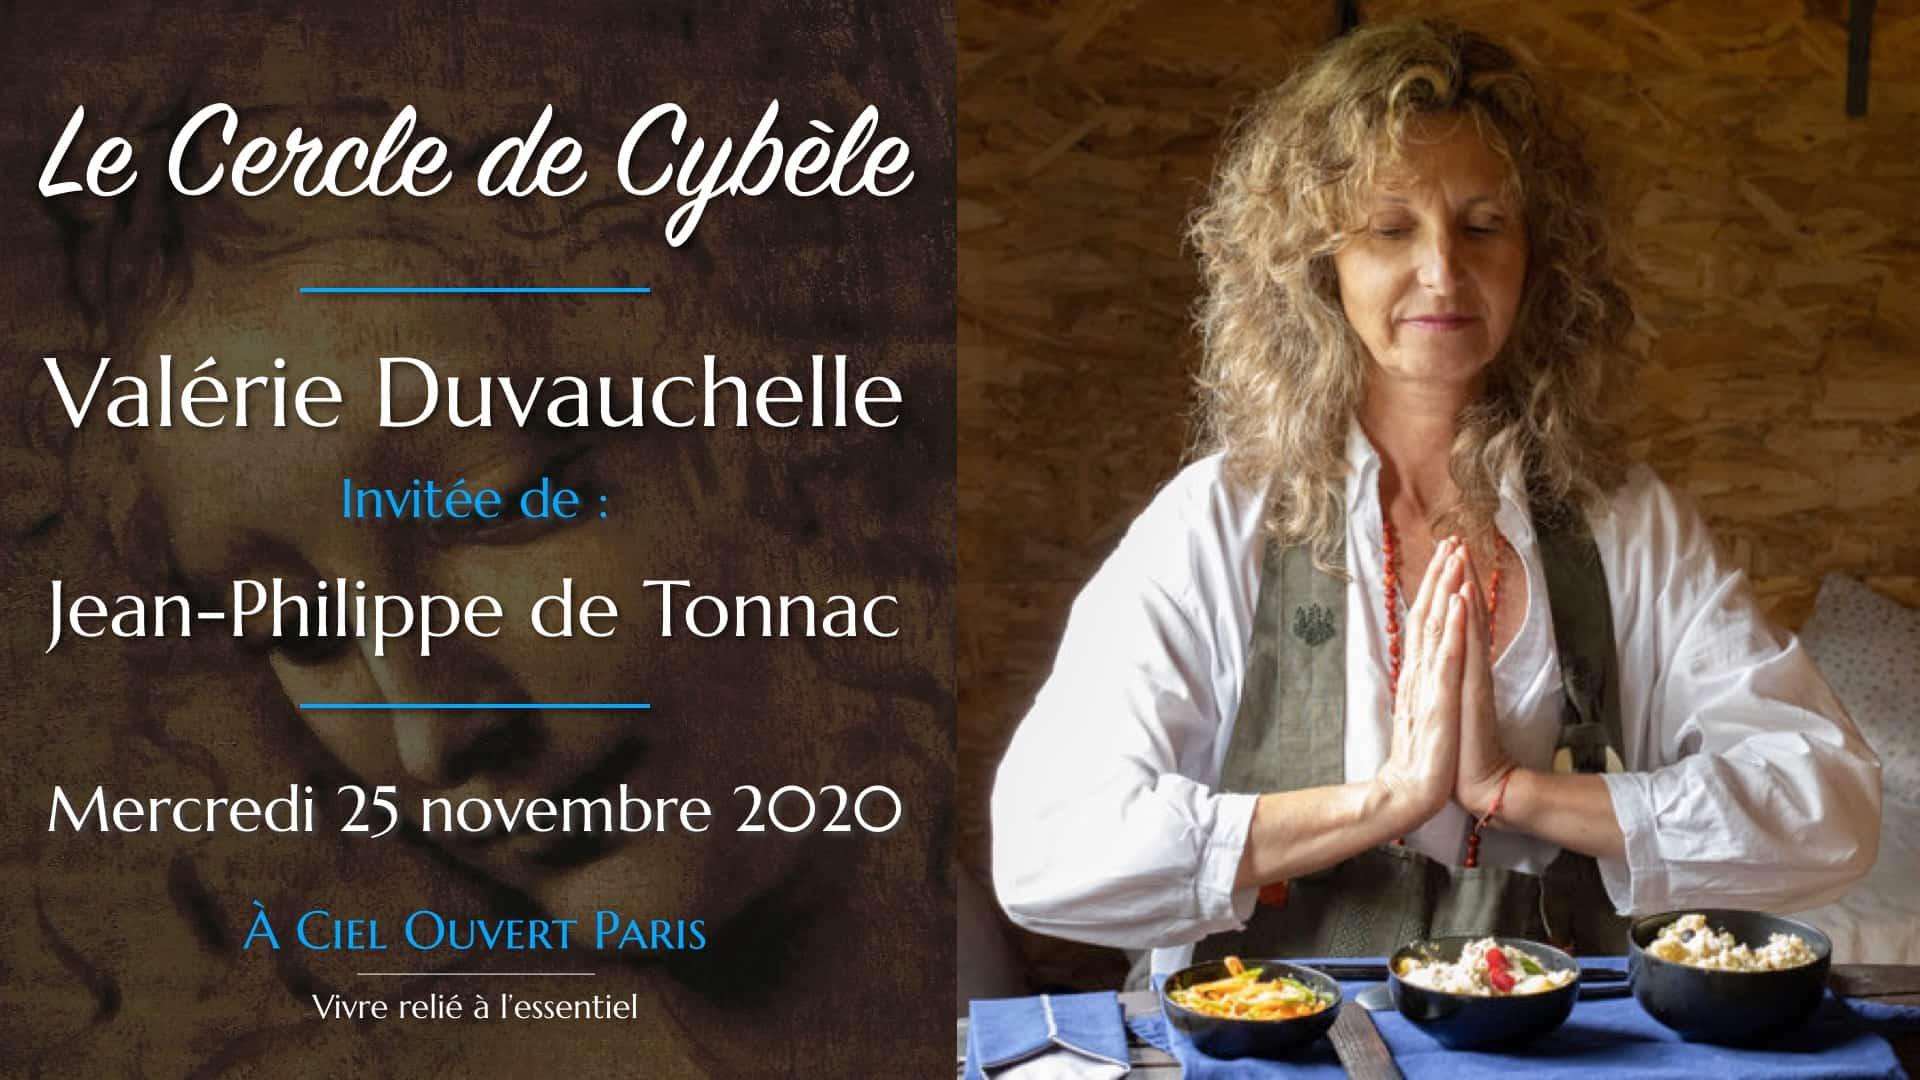 ACOP-Cercle_Cybele-Tonnac-Duvauchelle-HD